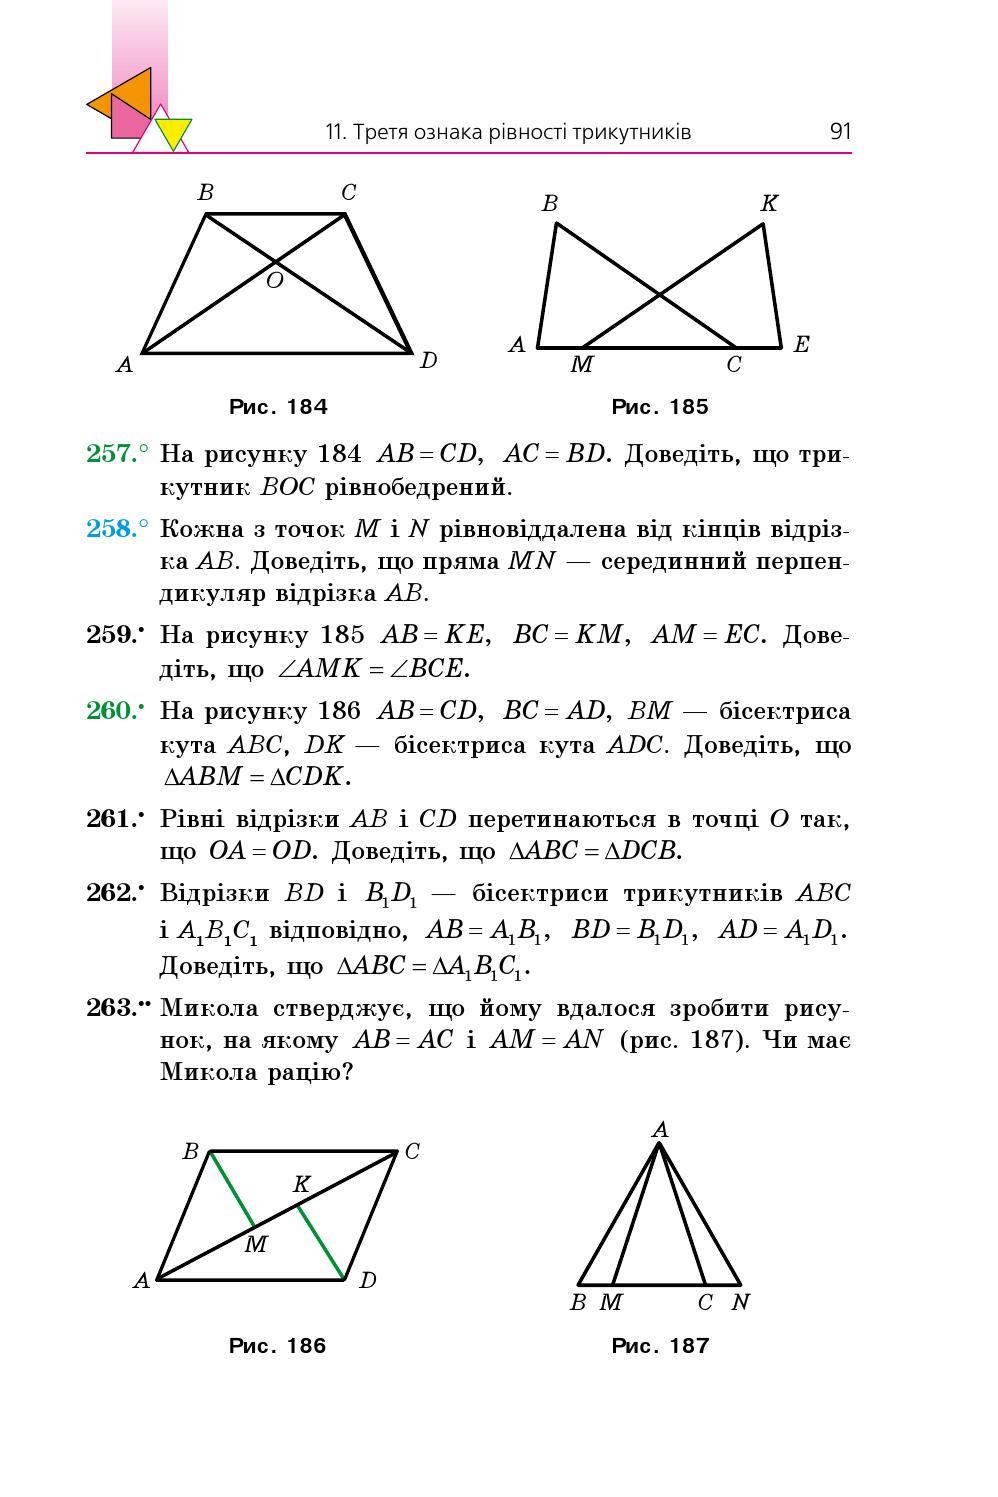 нова гдз полонський з 7 геометрії мерзляк клас програма